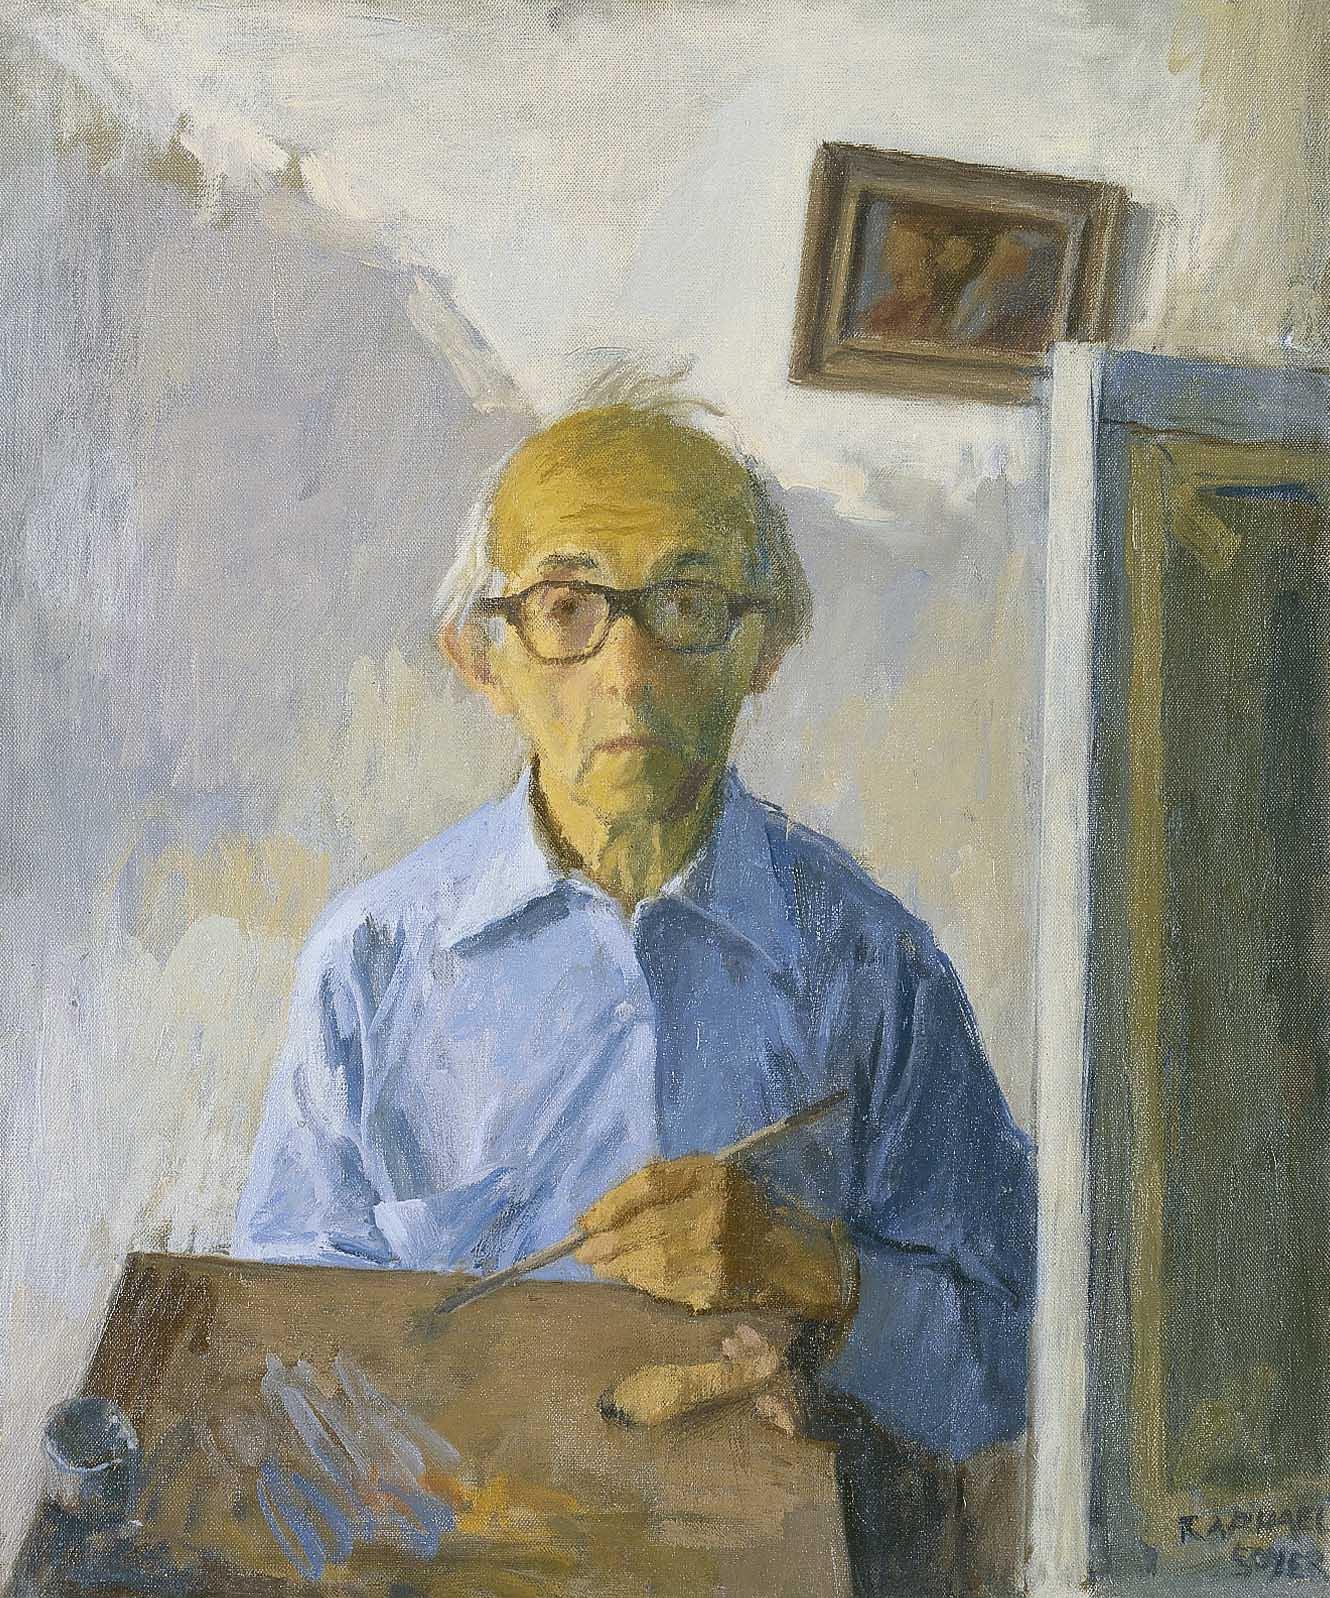 Autorretrato, Rapahel Soyer, 1980, óleo sobre lienzo, 61 x 50,8 cm,.